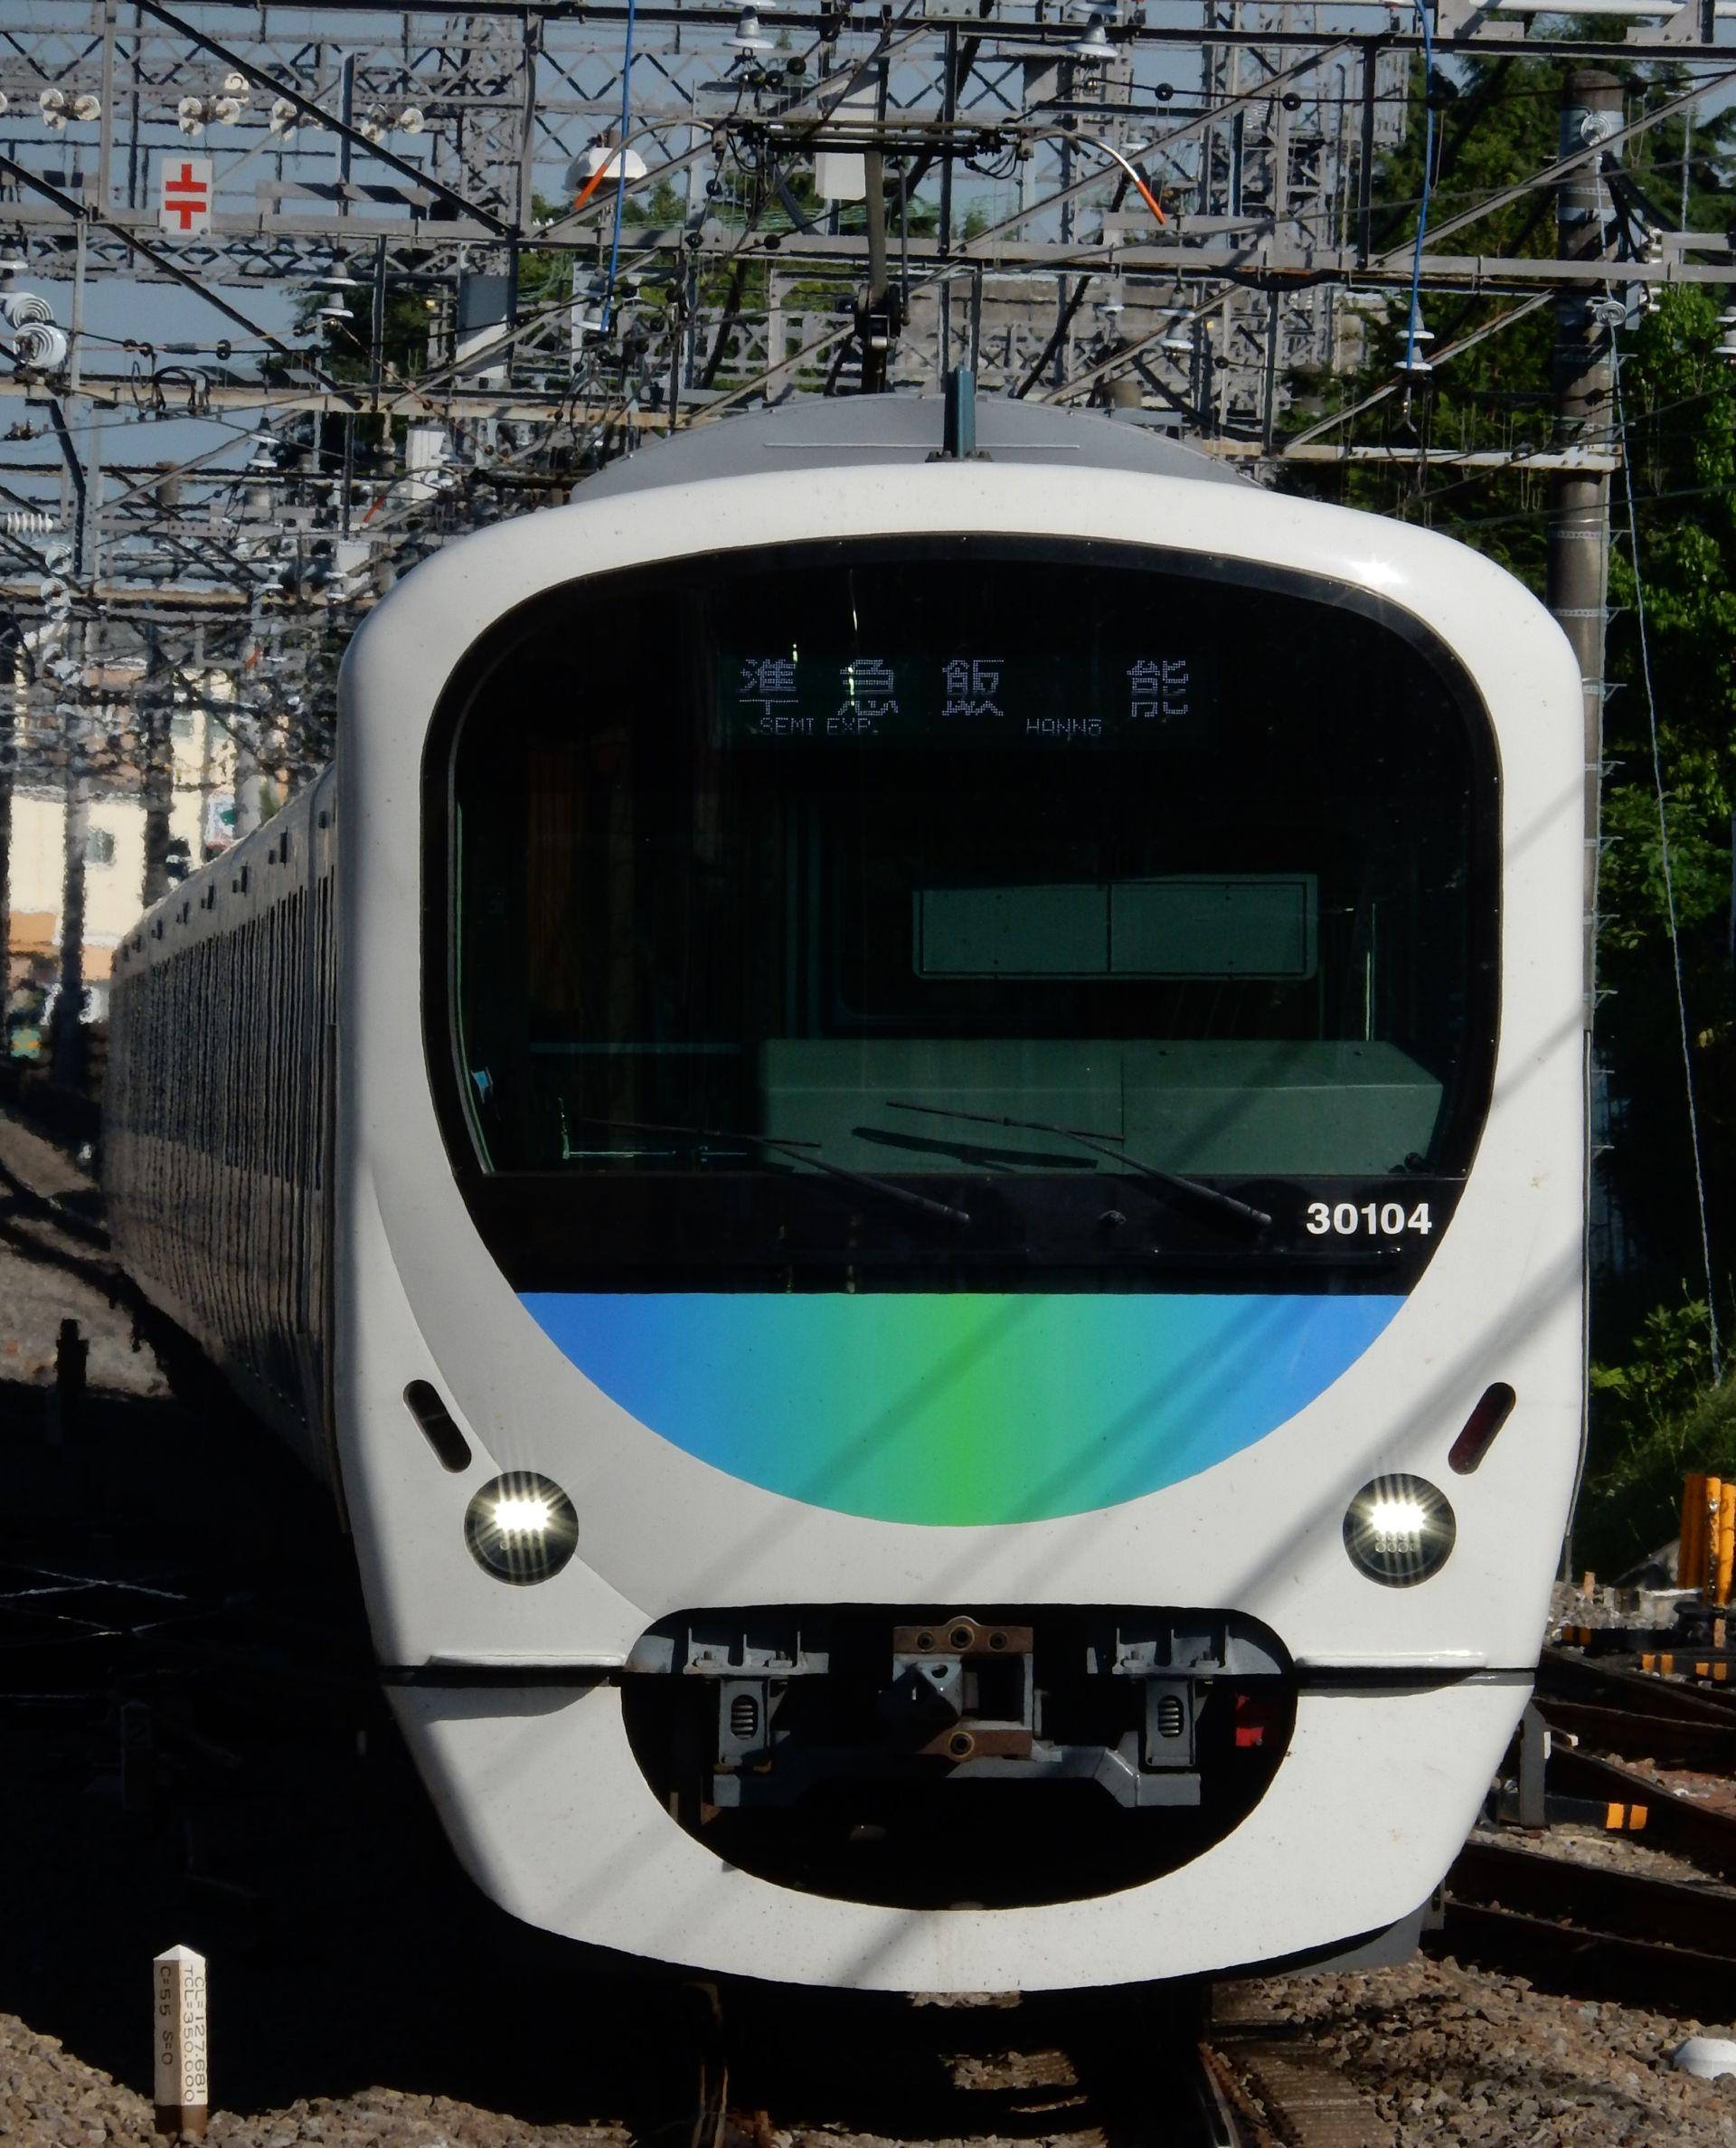 DSCN9836 - コピー